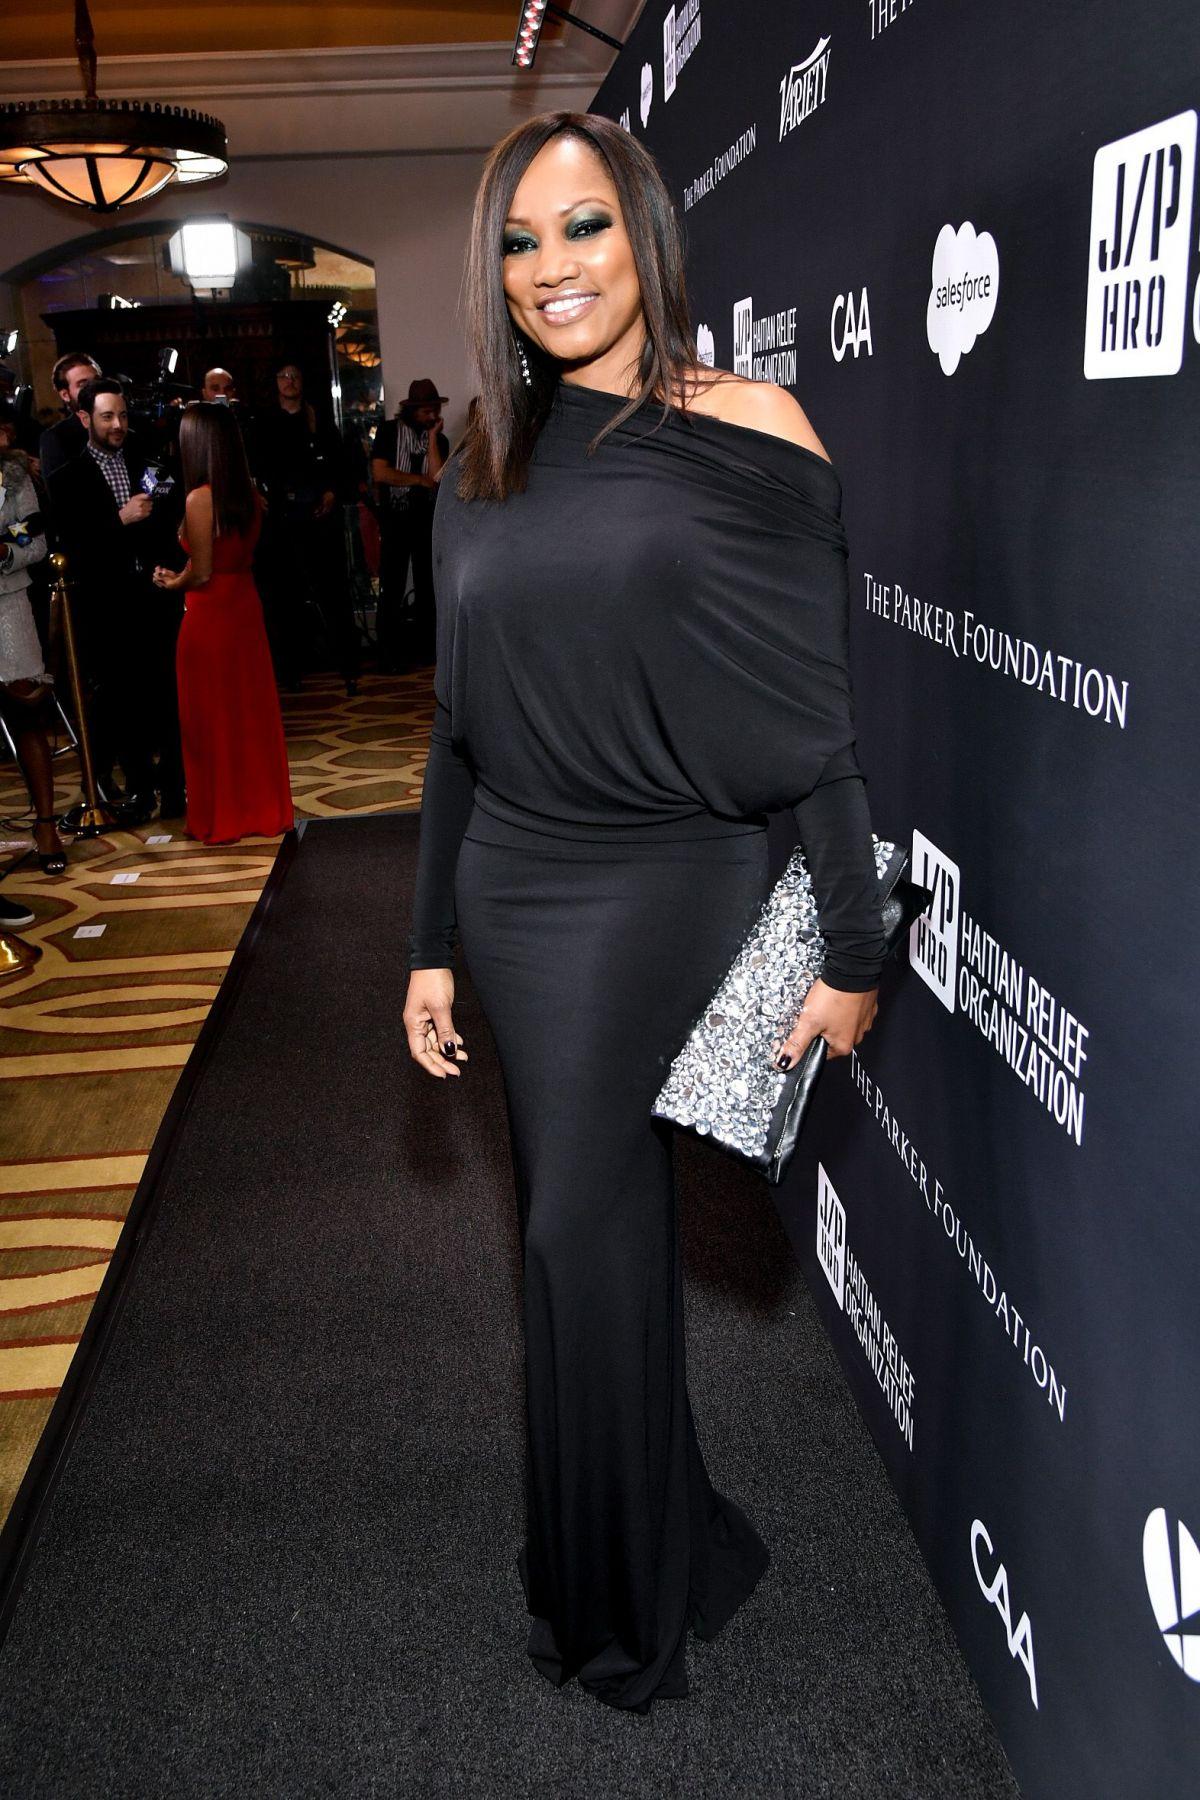 GARCELLE BEAUVAIS at 6th Annual Sean Penn & Friends Haiti Rising Gala in Beverly Hills 01/07/2017